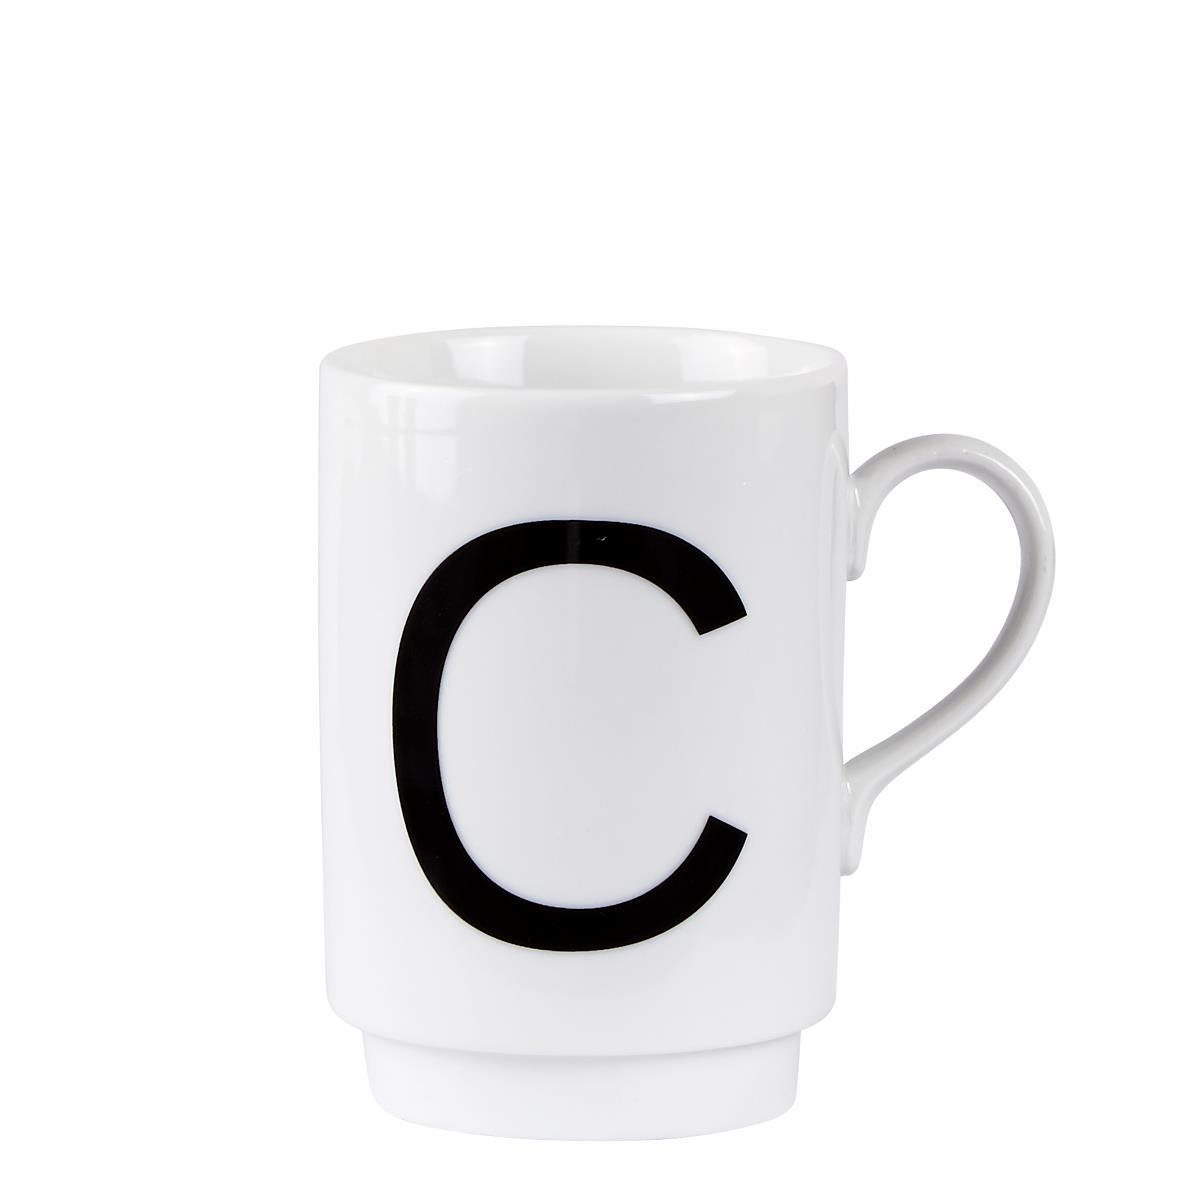 Cana Letter C, KJ, 250 ml, 251063